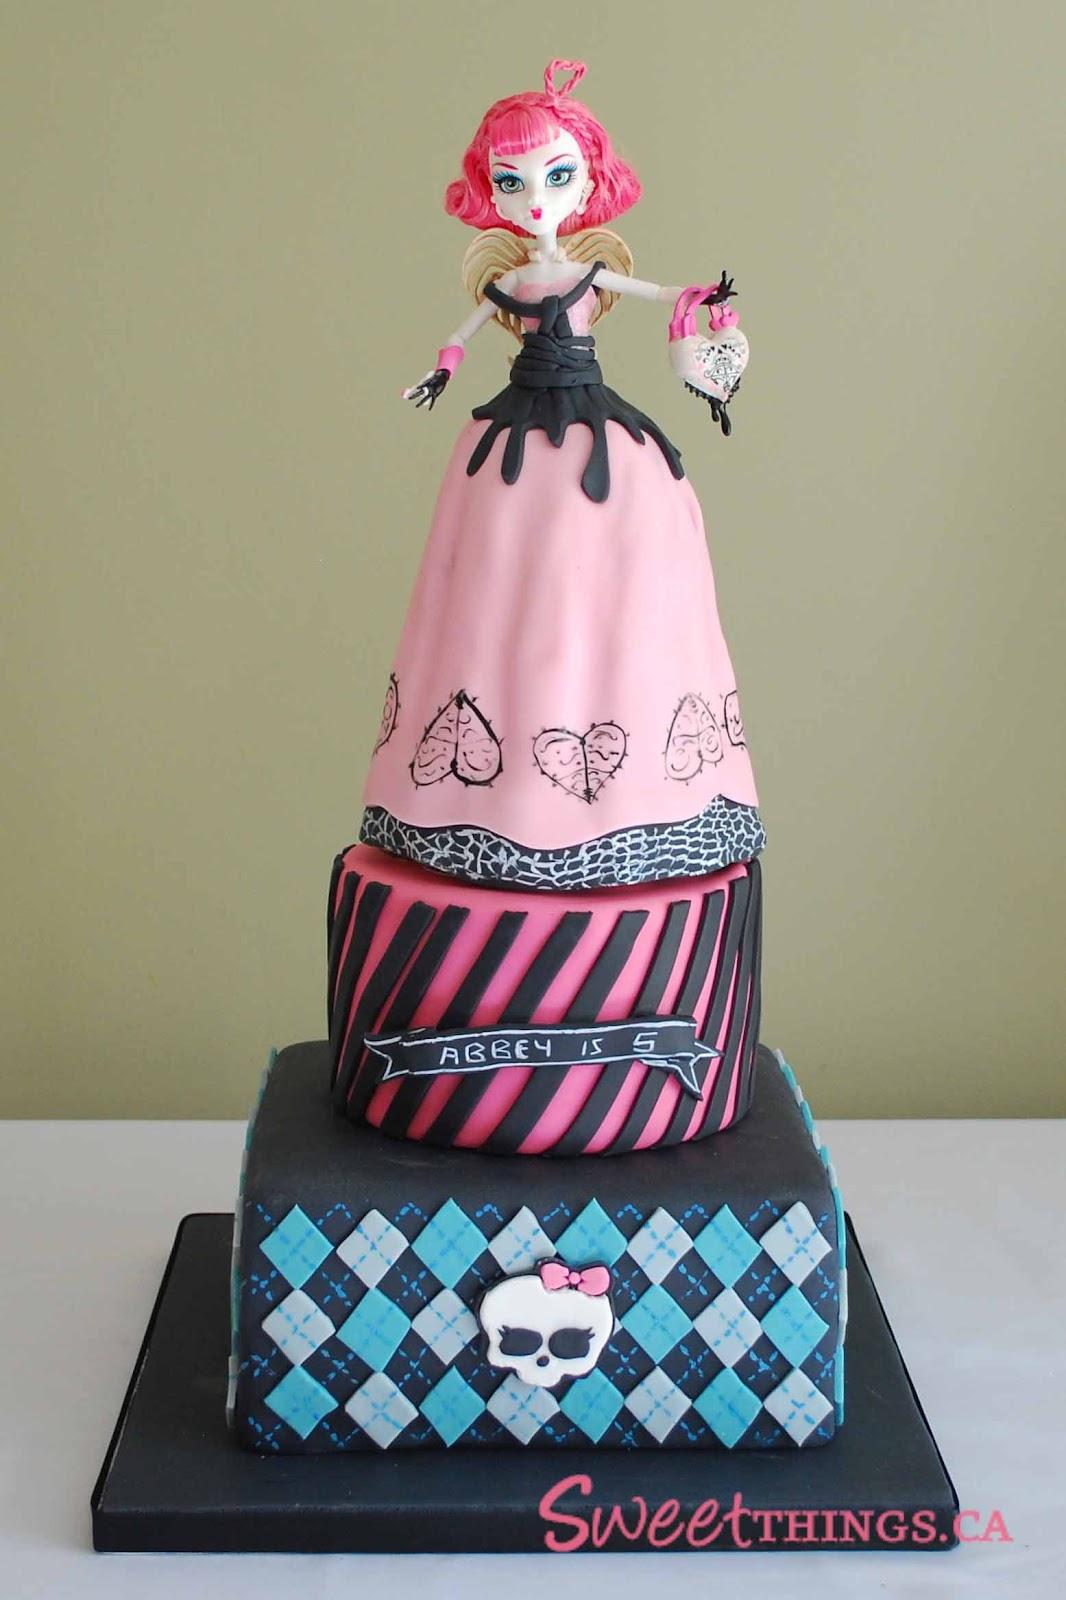 Sweetthings 3 Tier Monster High Cake